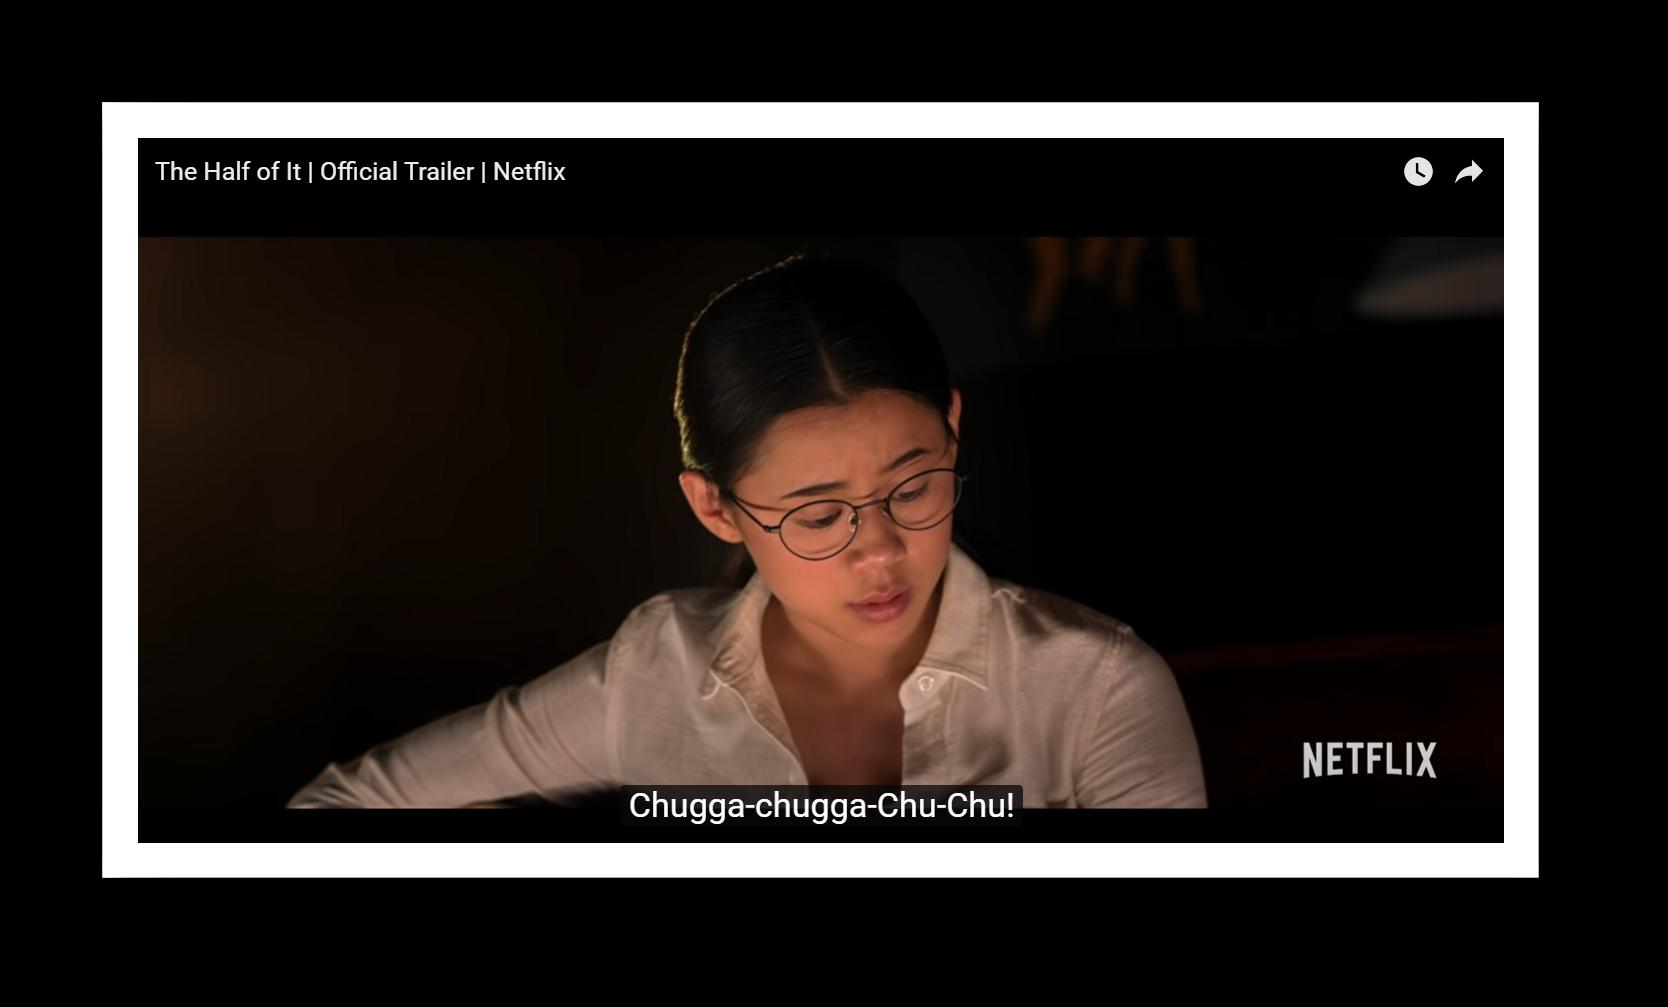 The Half Of It ภาพยนต จาก Netflix ม อะไรน าสนใจบ าง Trueid In Trend